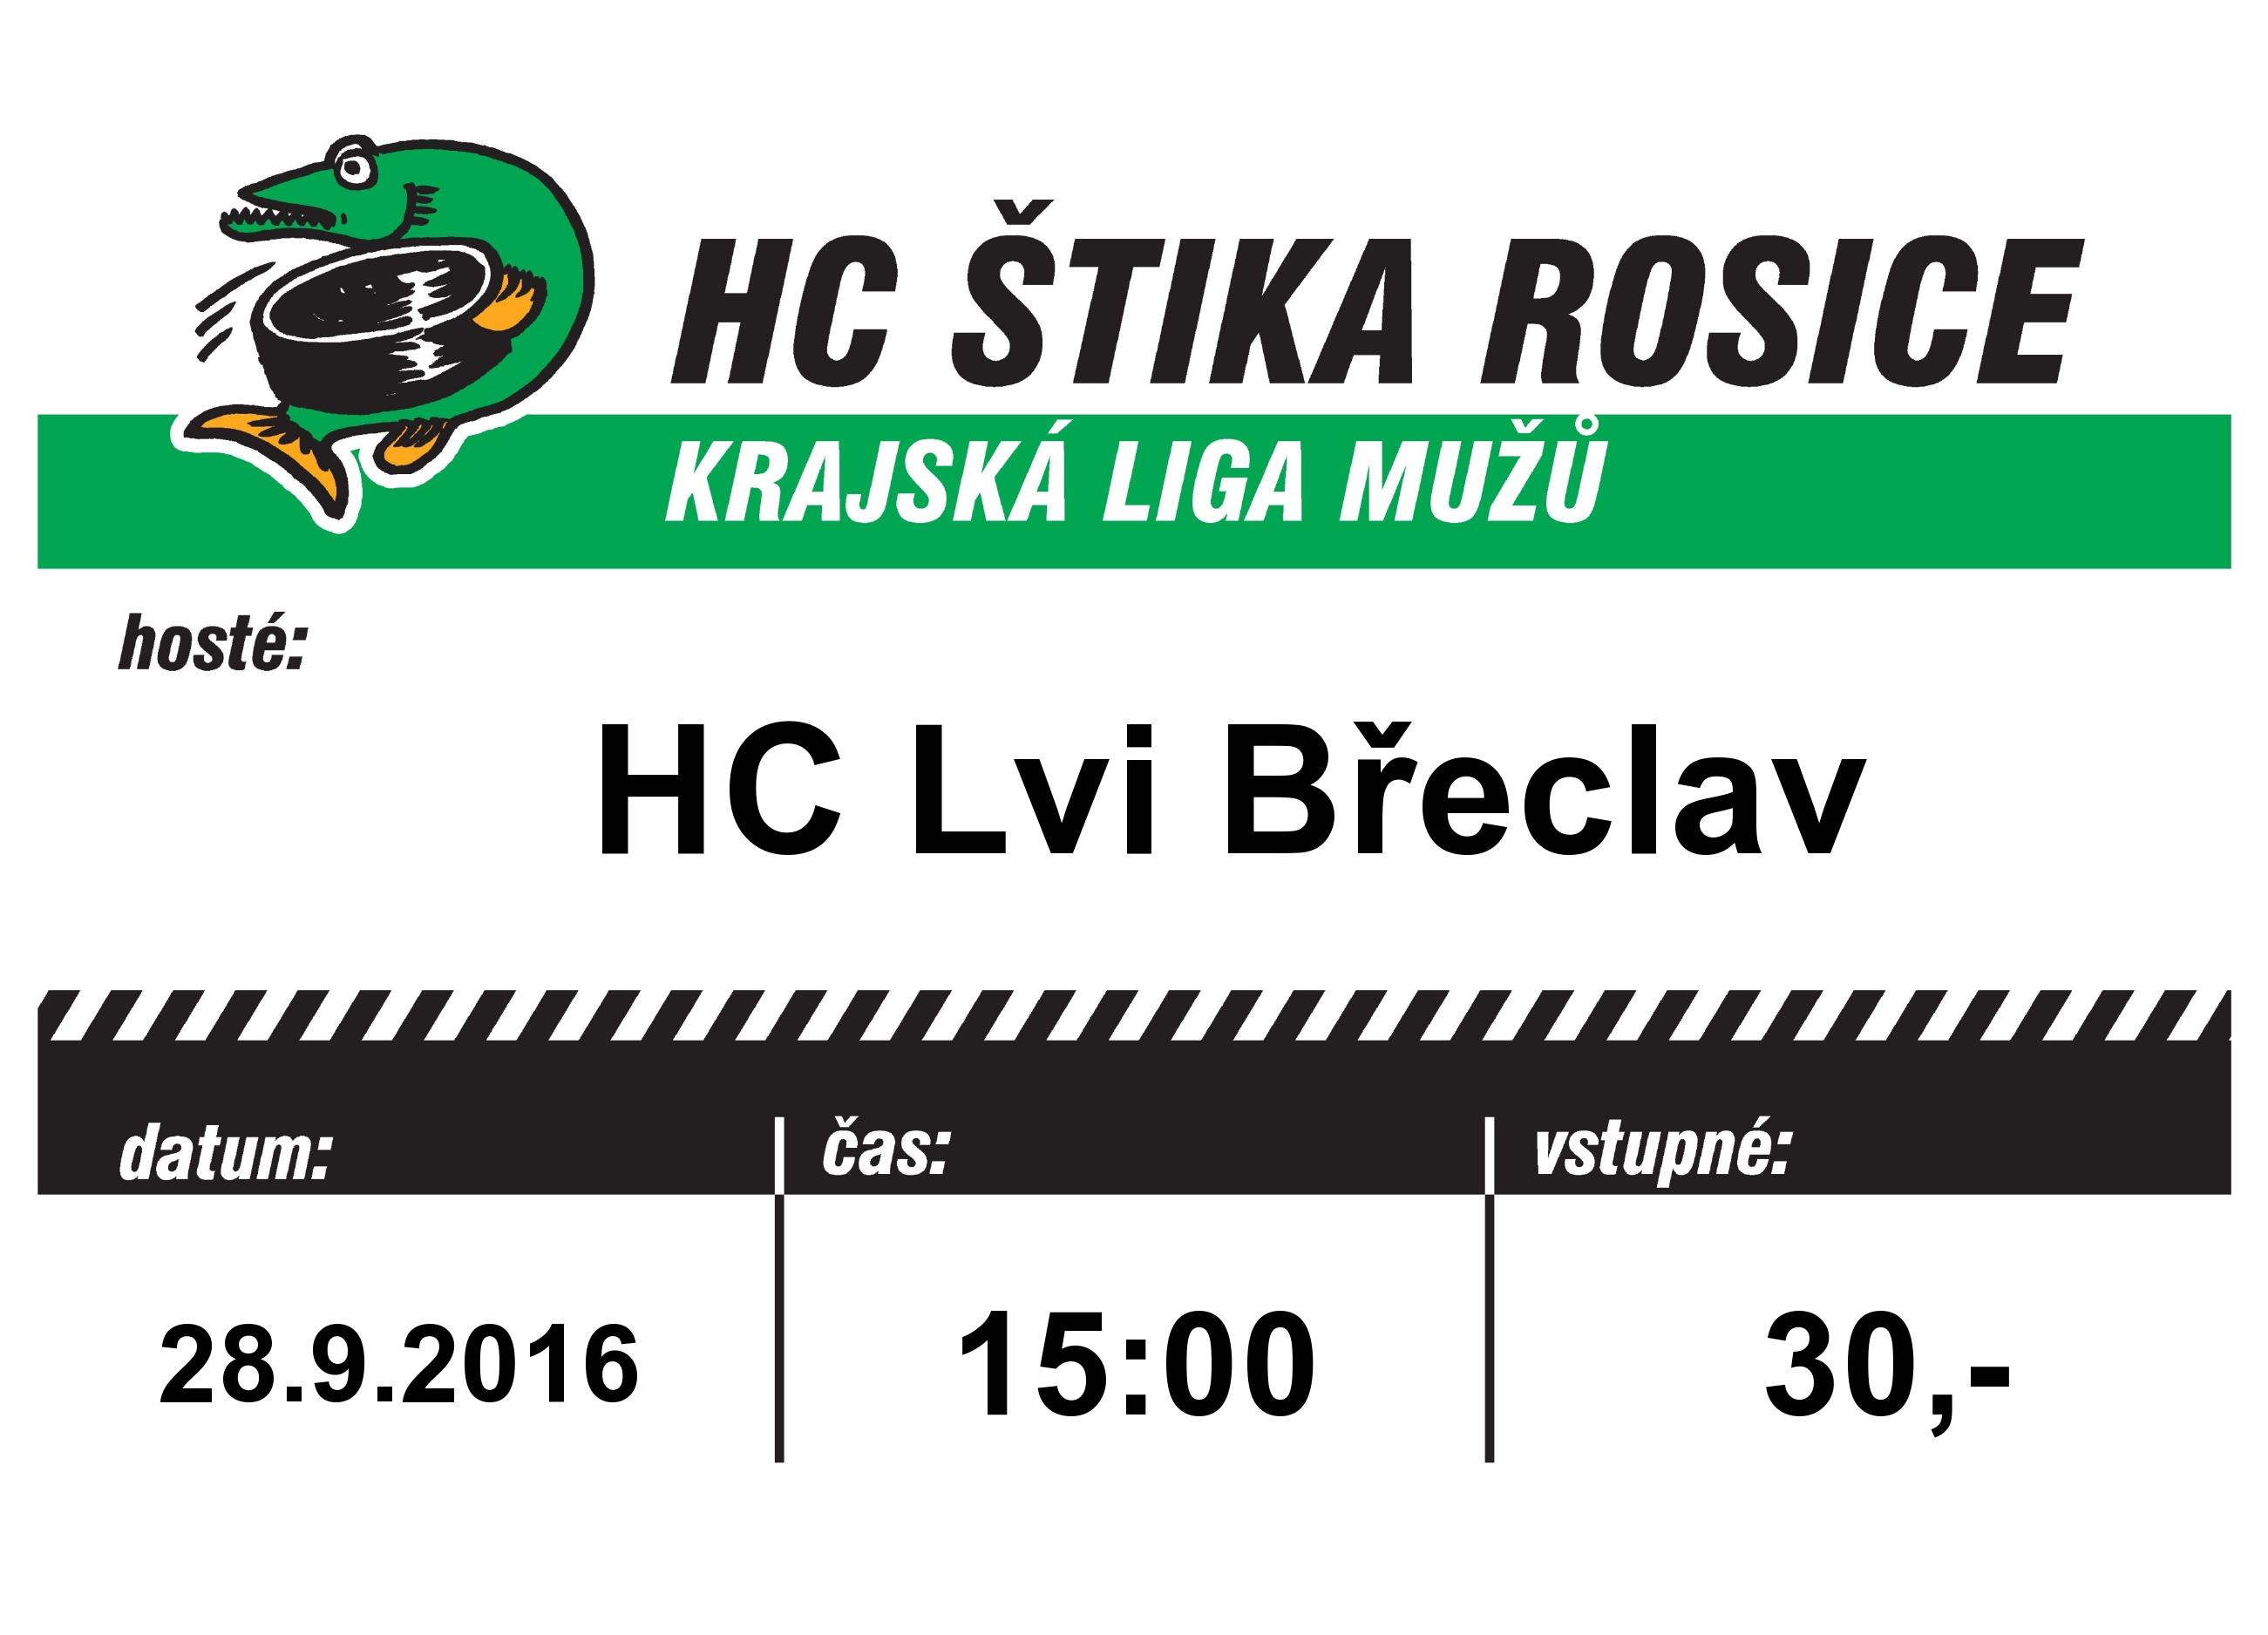 plakat-o-utkani-hc-lvi-breclav-page0001